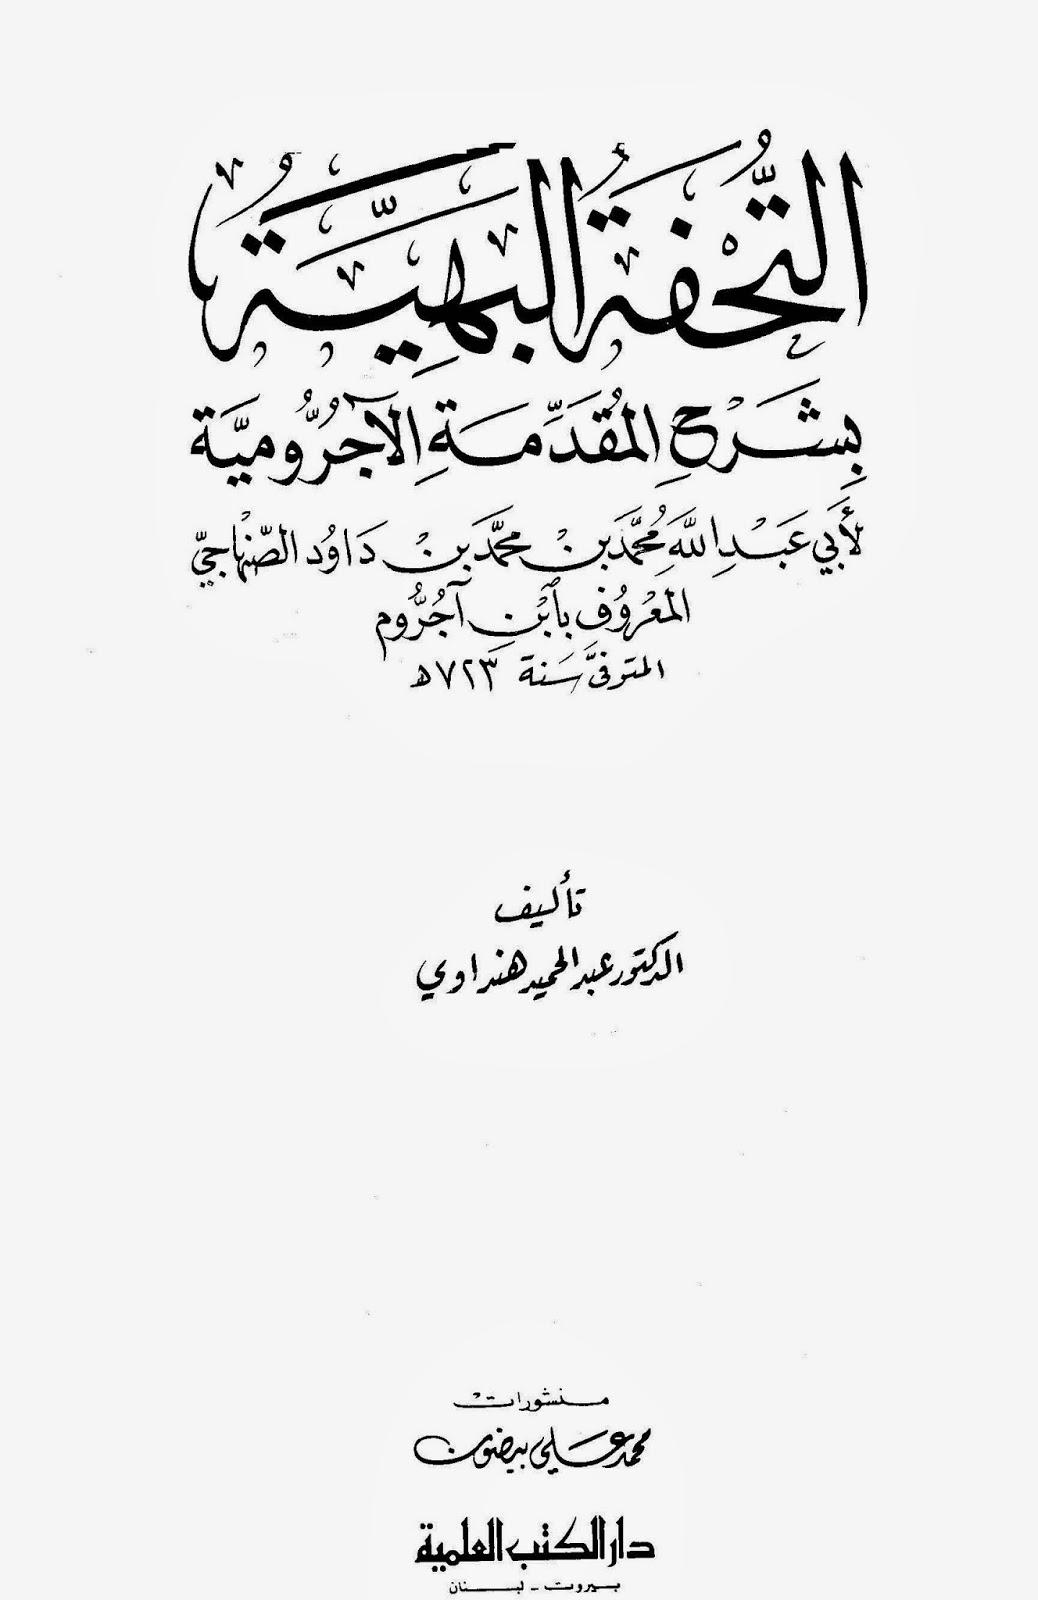 التحفة البهية بشرح المقدمة الآجرومية - عبد الحميد الهنداوي pdf